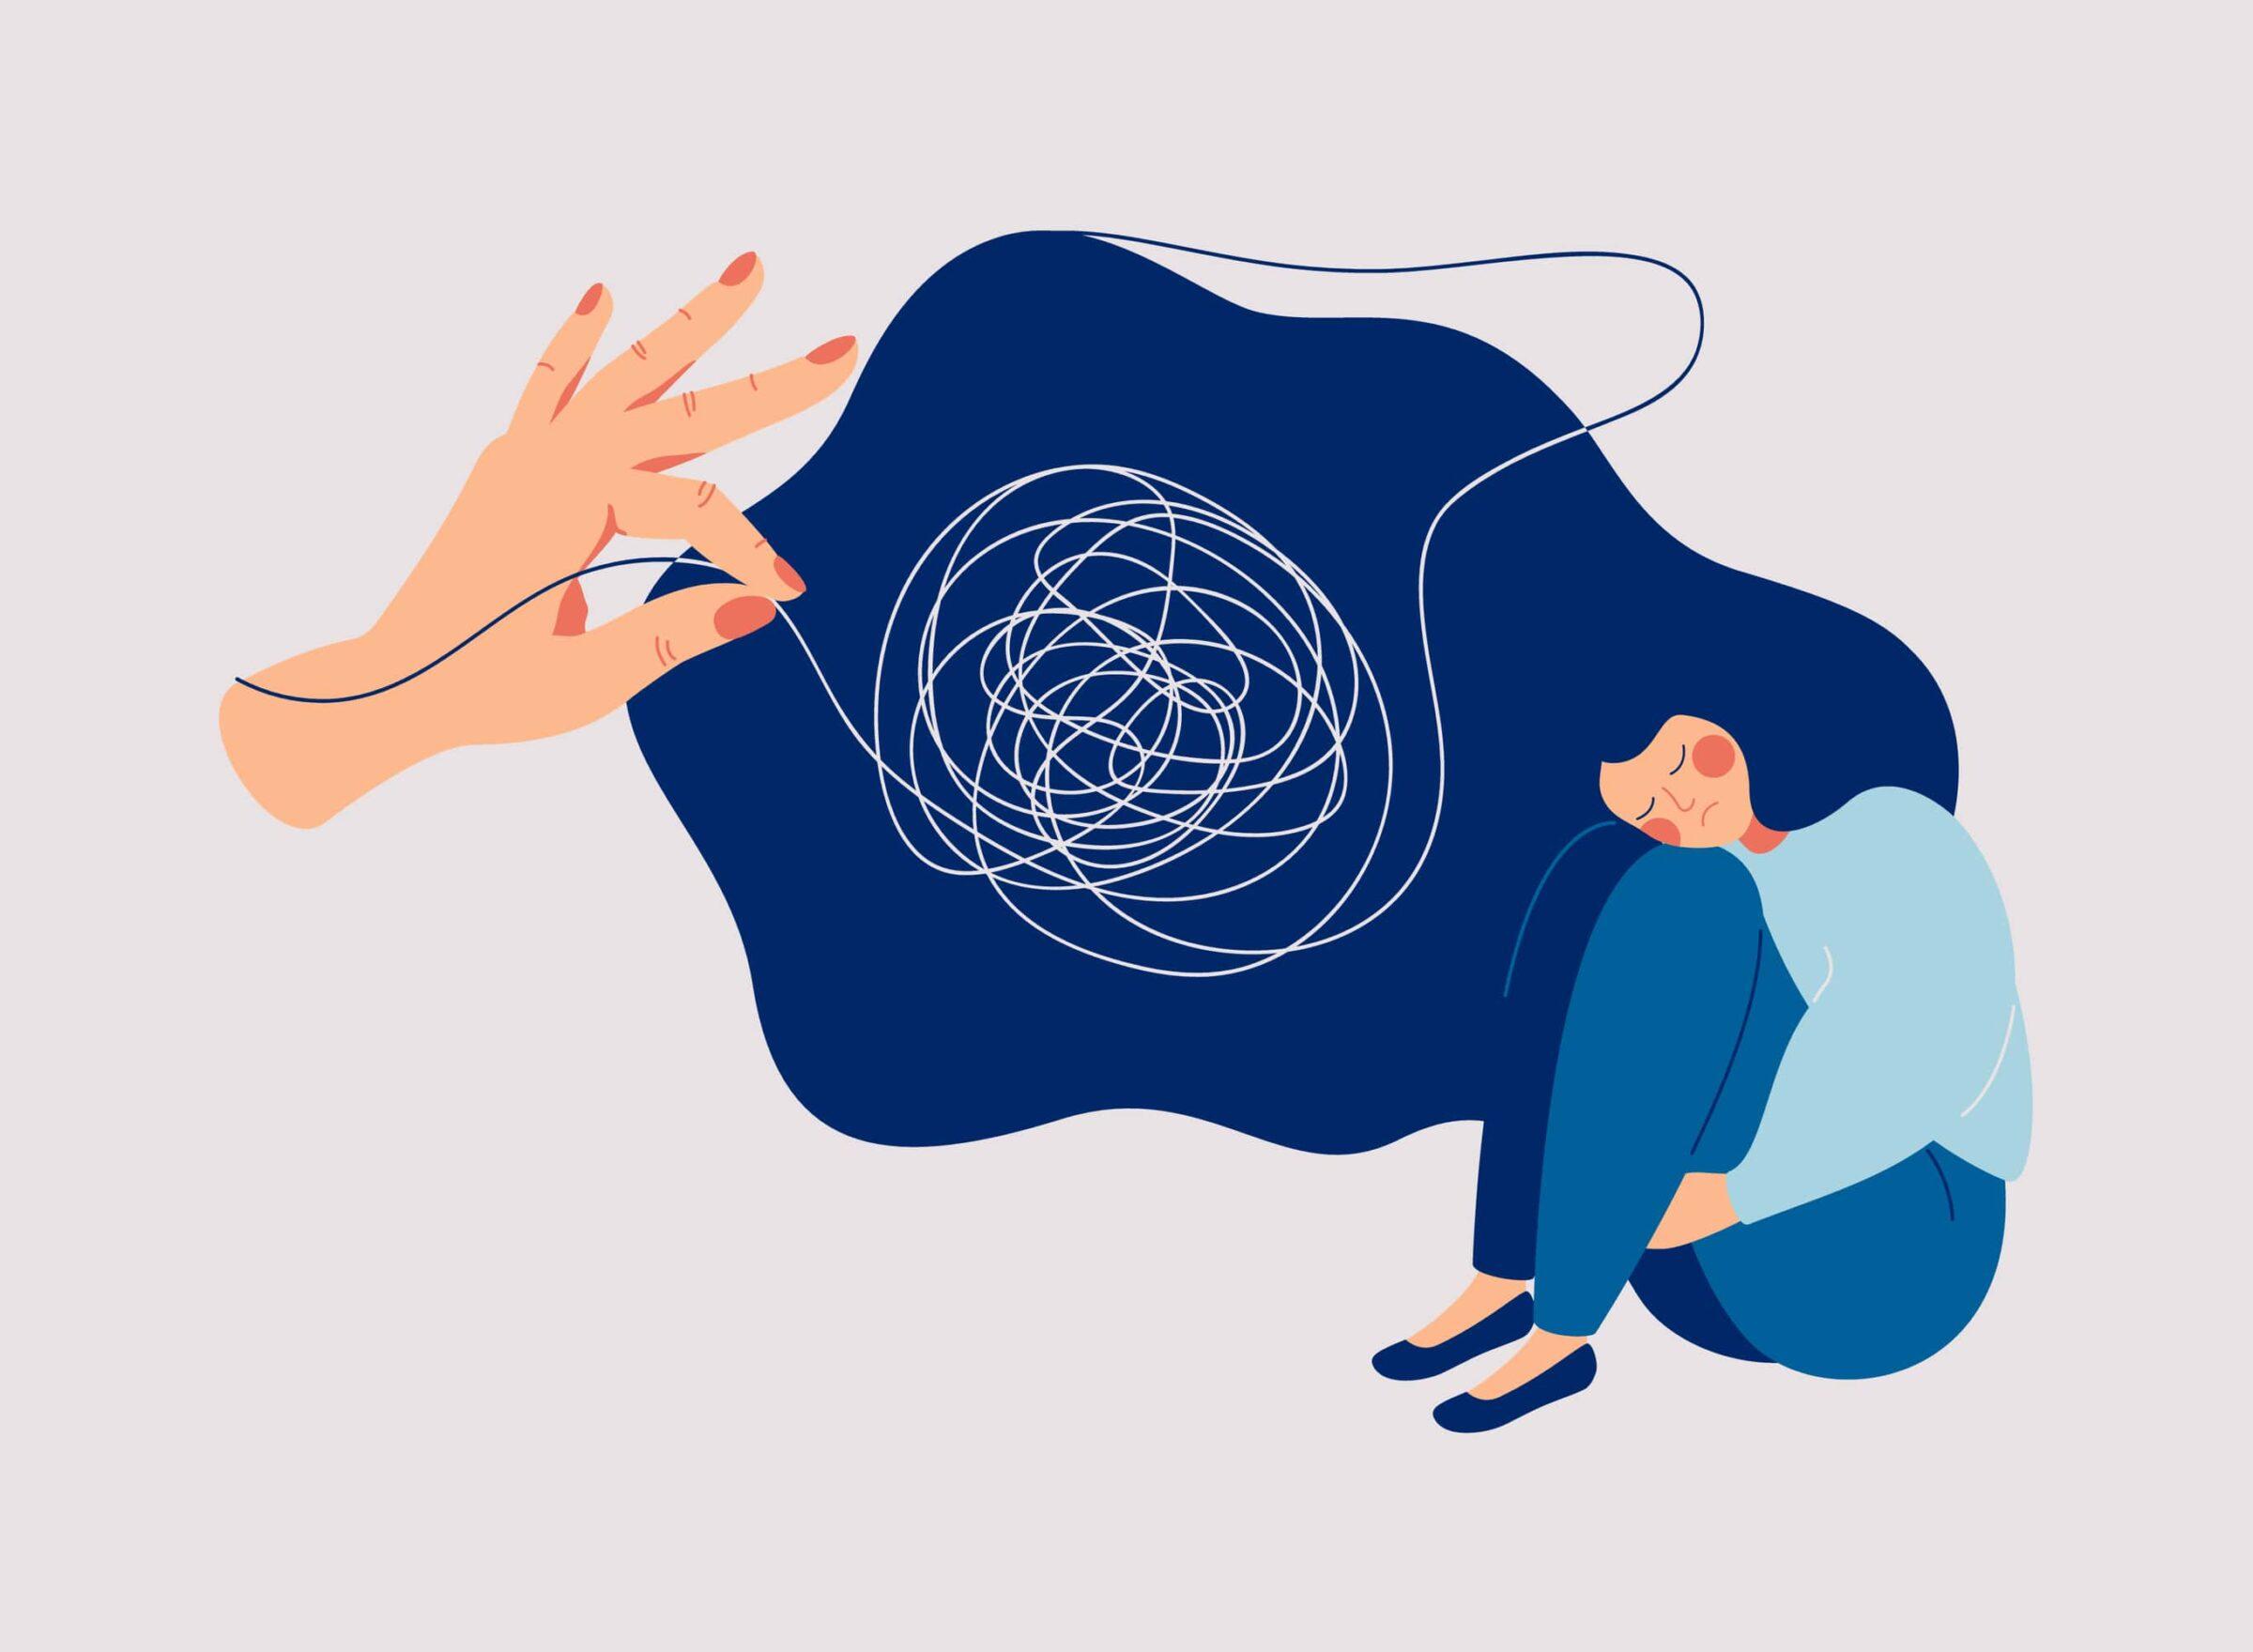 Gli inganni della dissonanza cognitiva tra costruzioni mentali e realtà: mentire a sé stessi per stare meglio